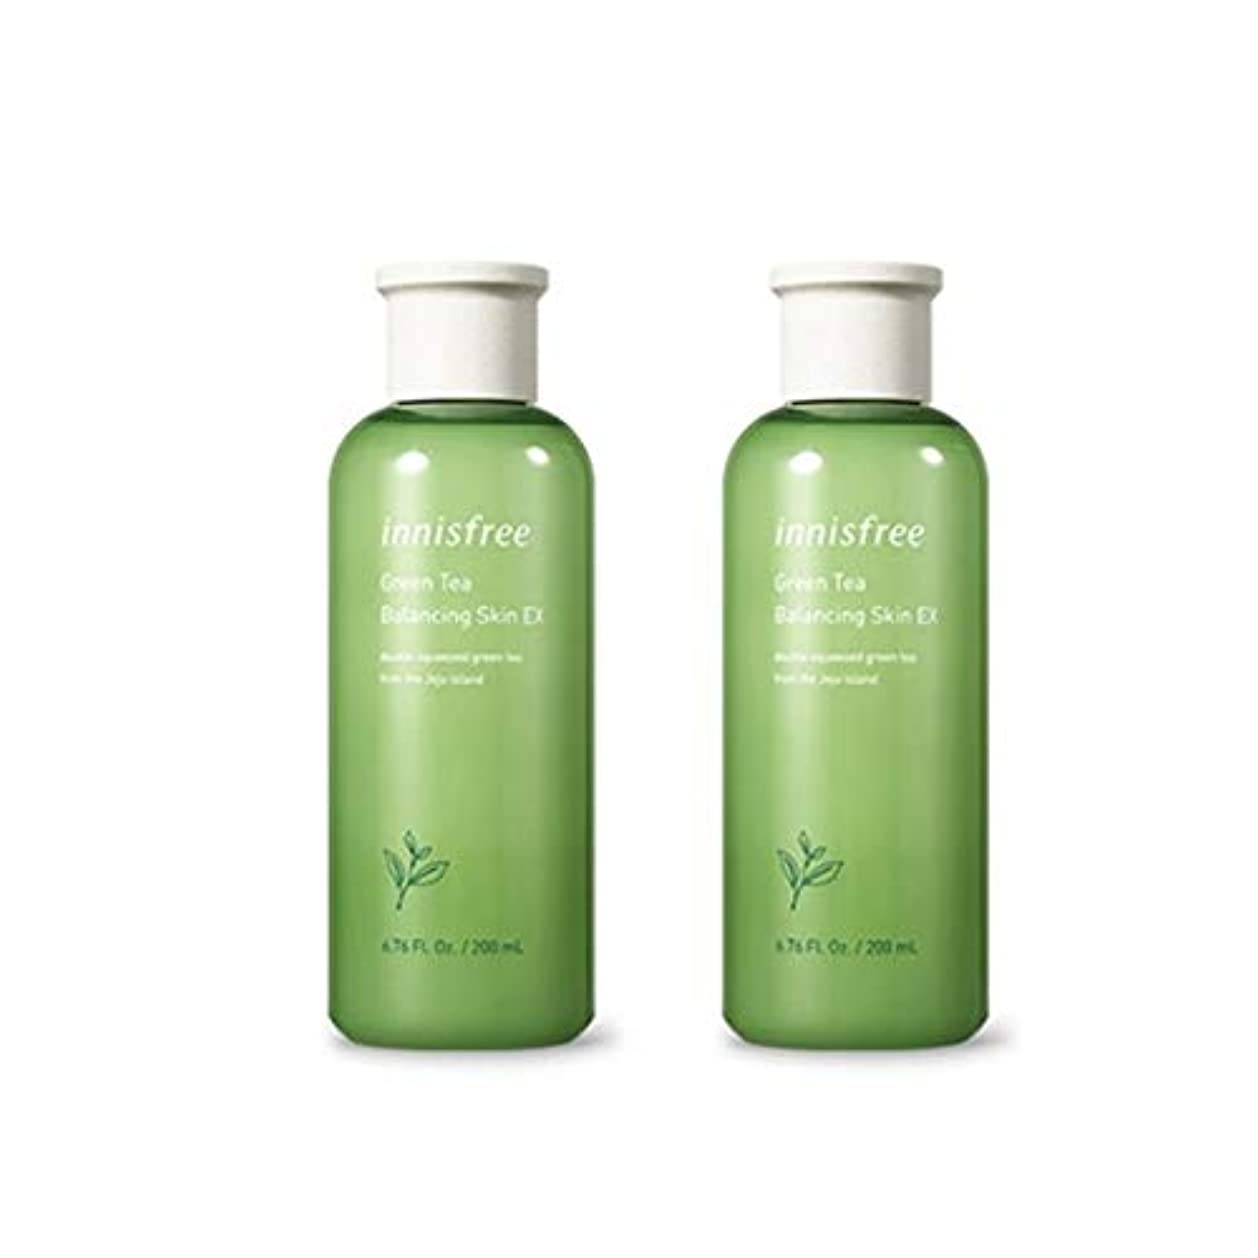 オアシスアスレチック免疫イニスフリーグリーンティーバランシングスキンEX 200mlx2本セット韓国コスメ、innisfree Green Tea Balancing Skin EX 200ml x 2ea Set Korean Cosmetics...